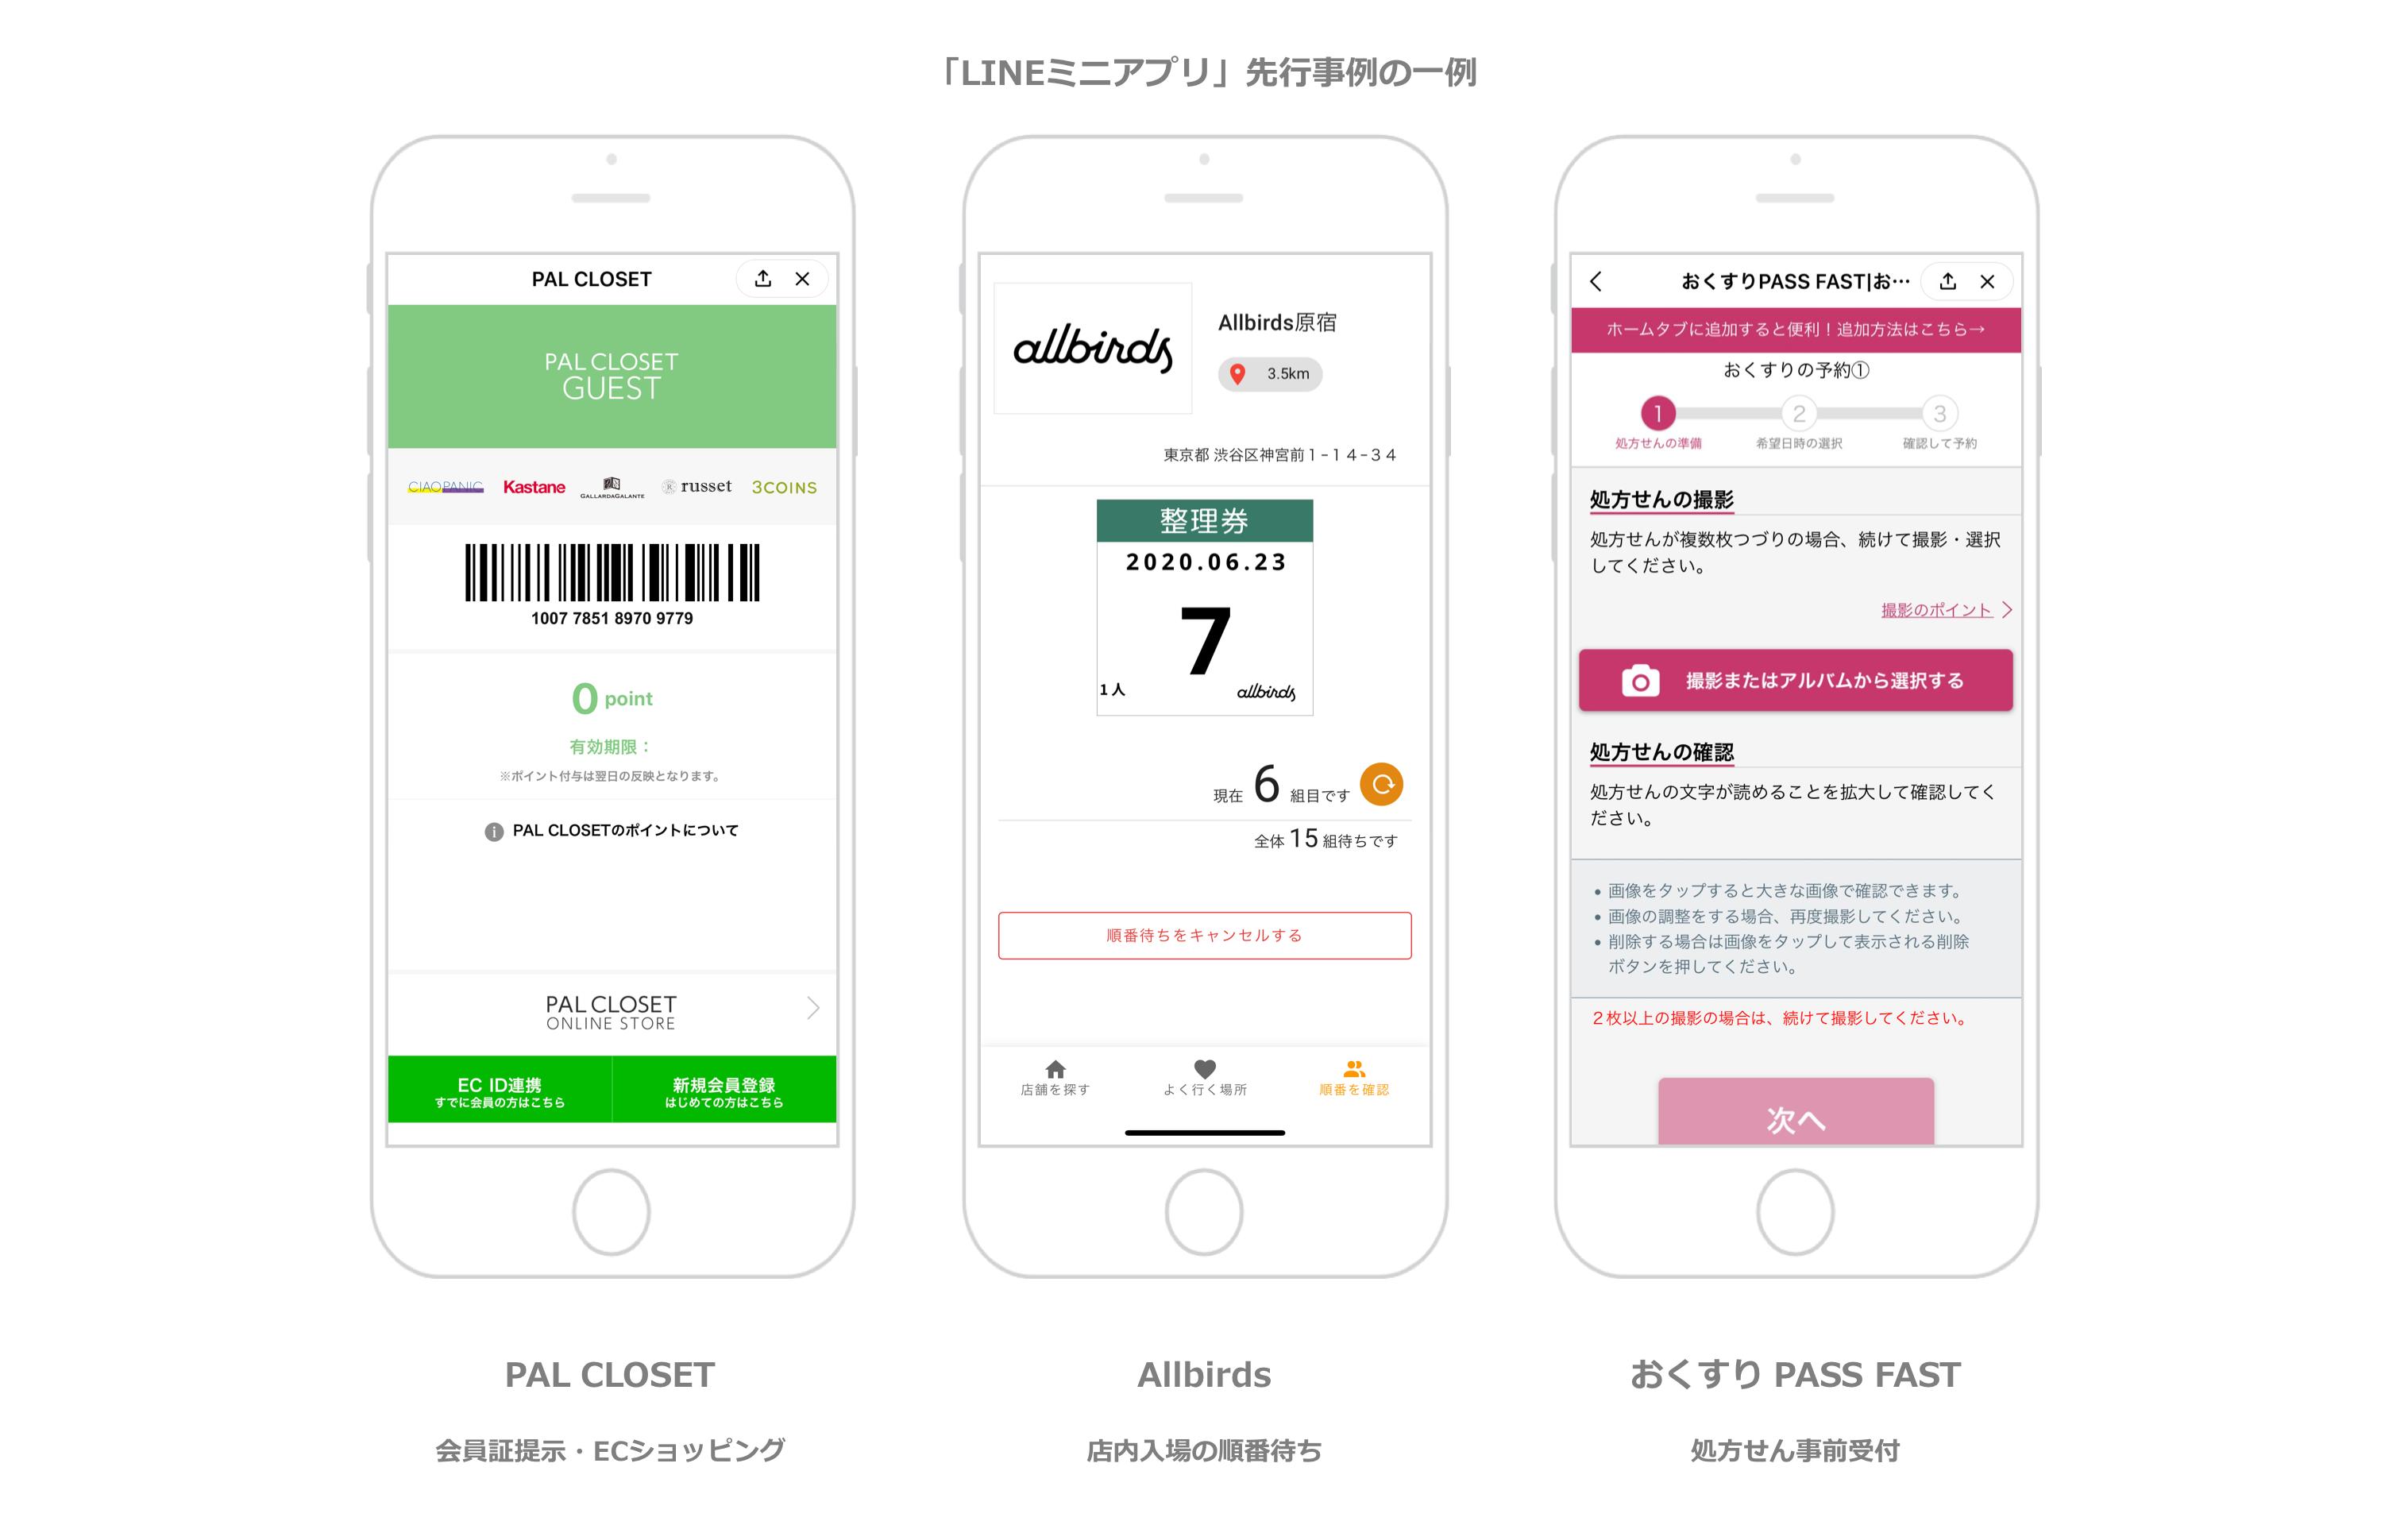 LINE、LINE上で企業のオウンドサービスを展開できる「LINEミニアプリ」を提供開始